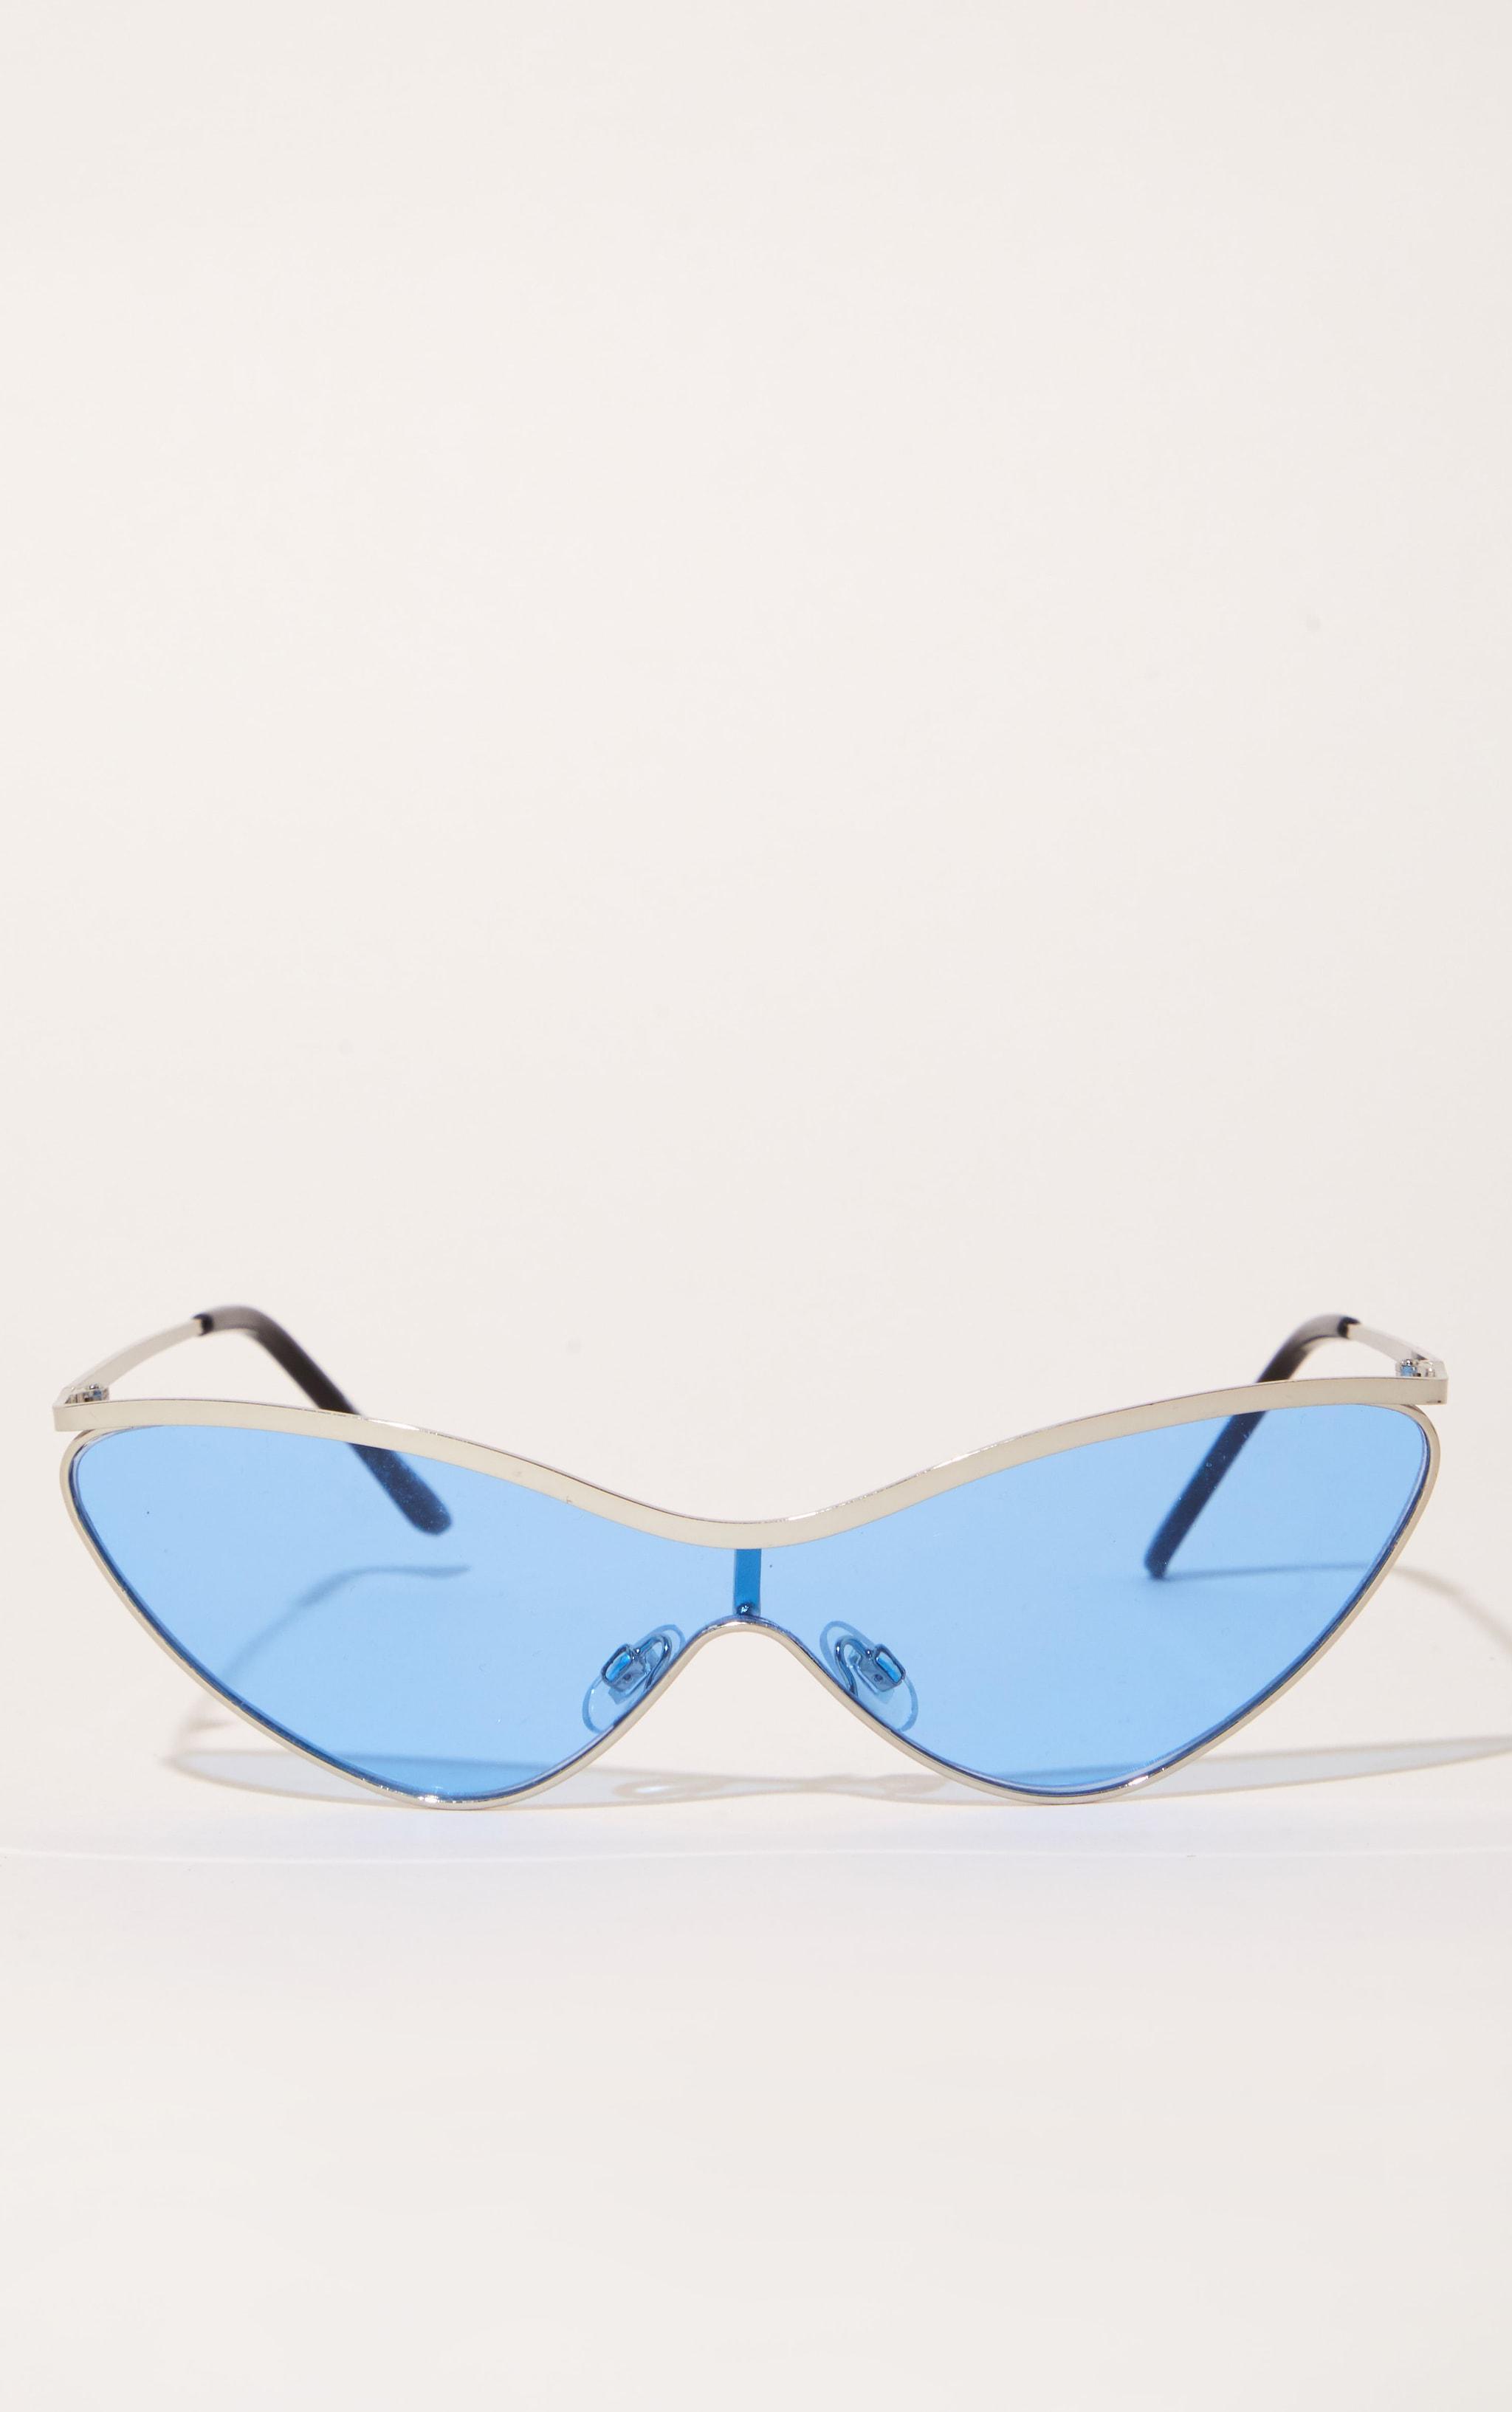 Lunettes de sport bleu clair style oeil de chat 2